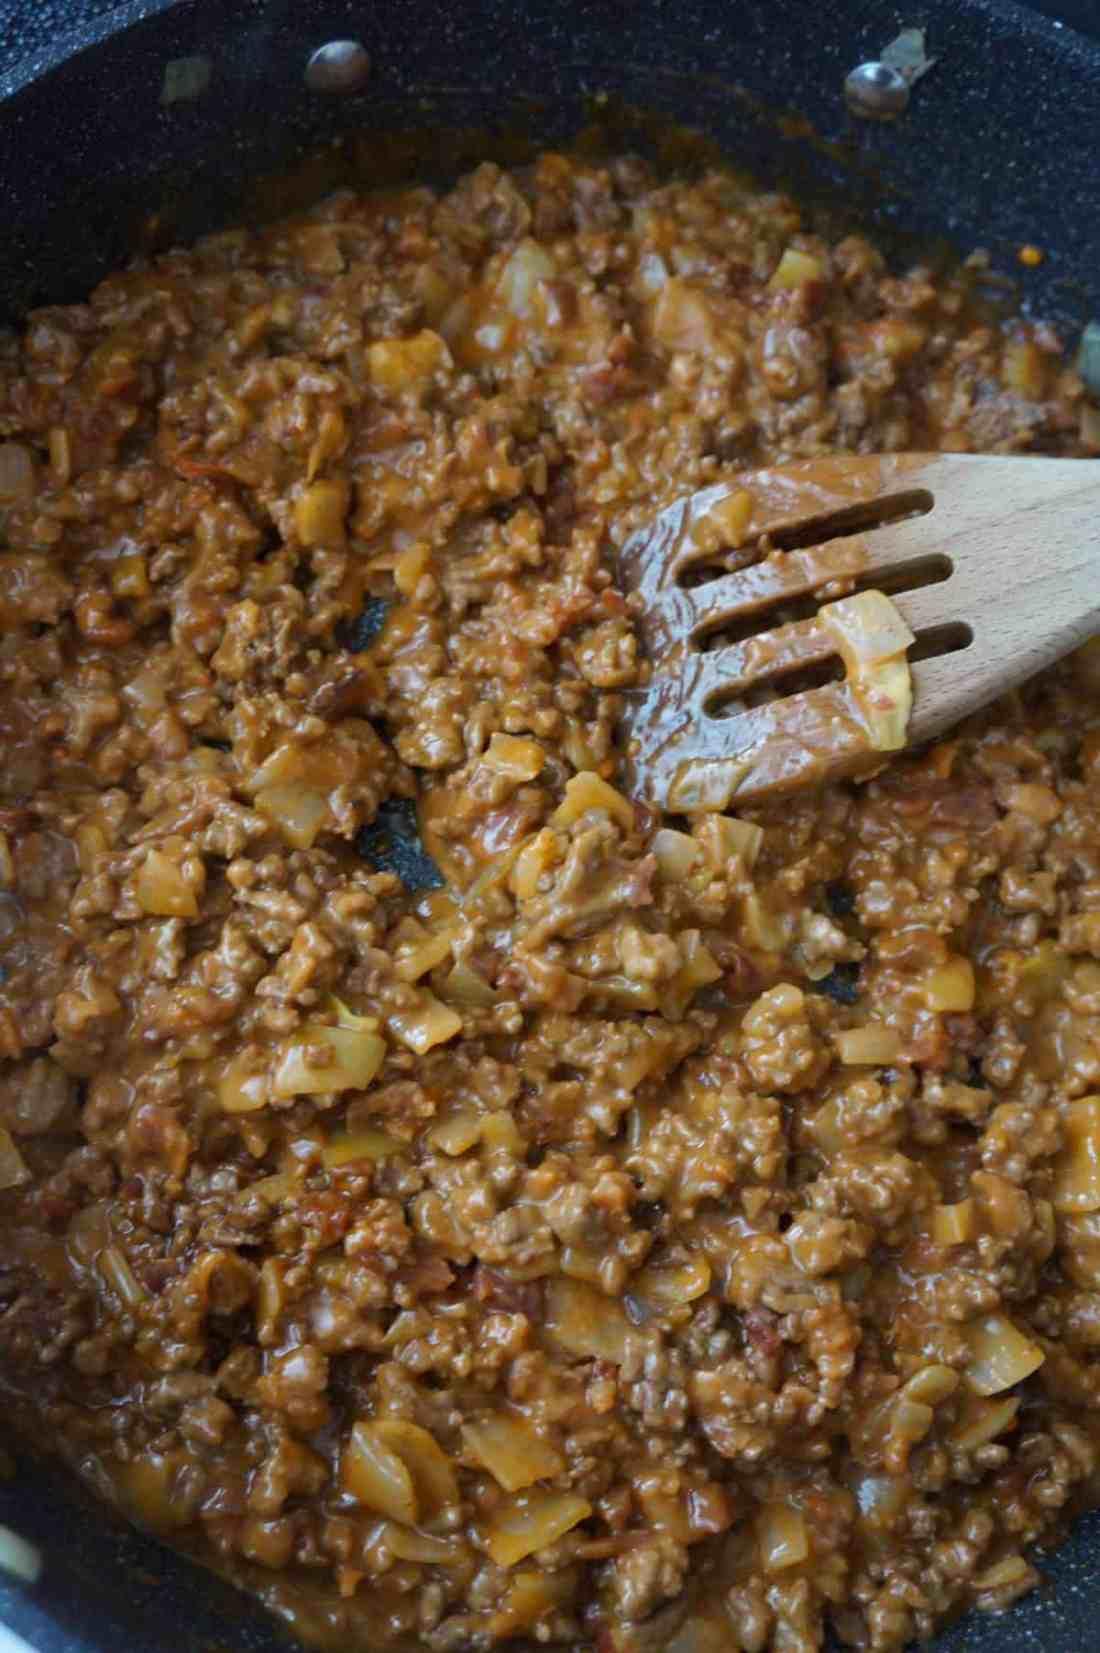 sloppy joe mixture in a pan